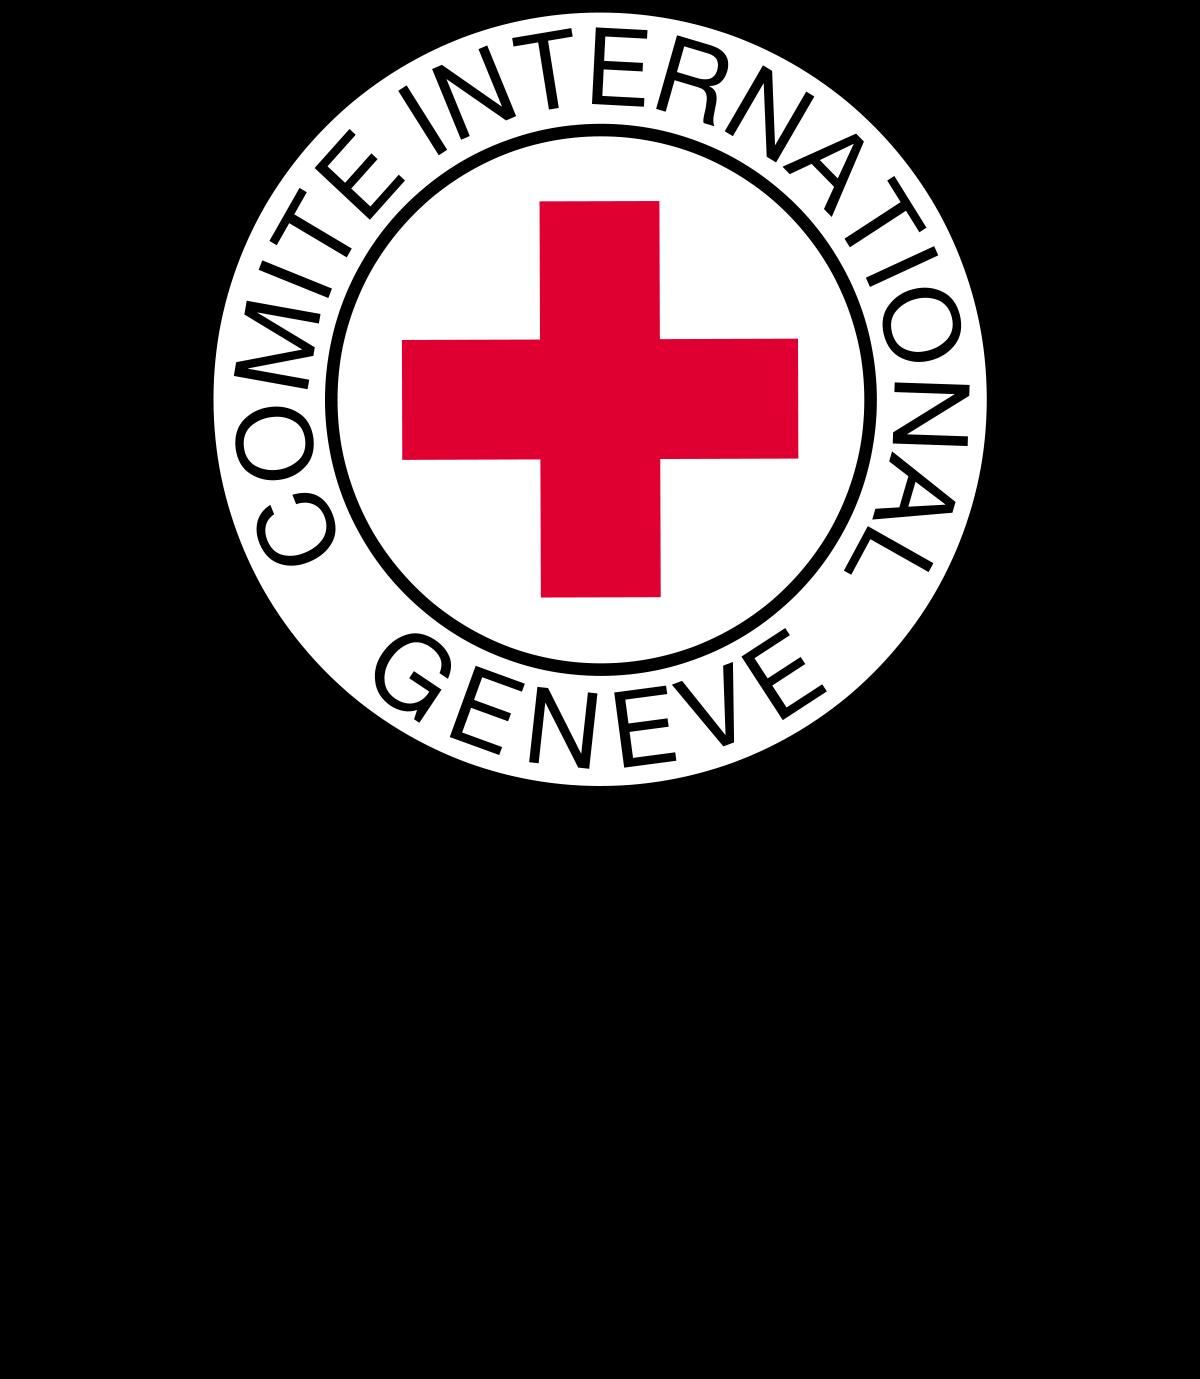 File:Emblem of the ICRC fr.svg.